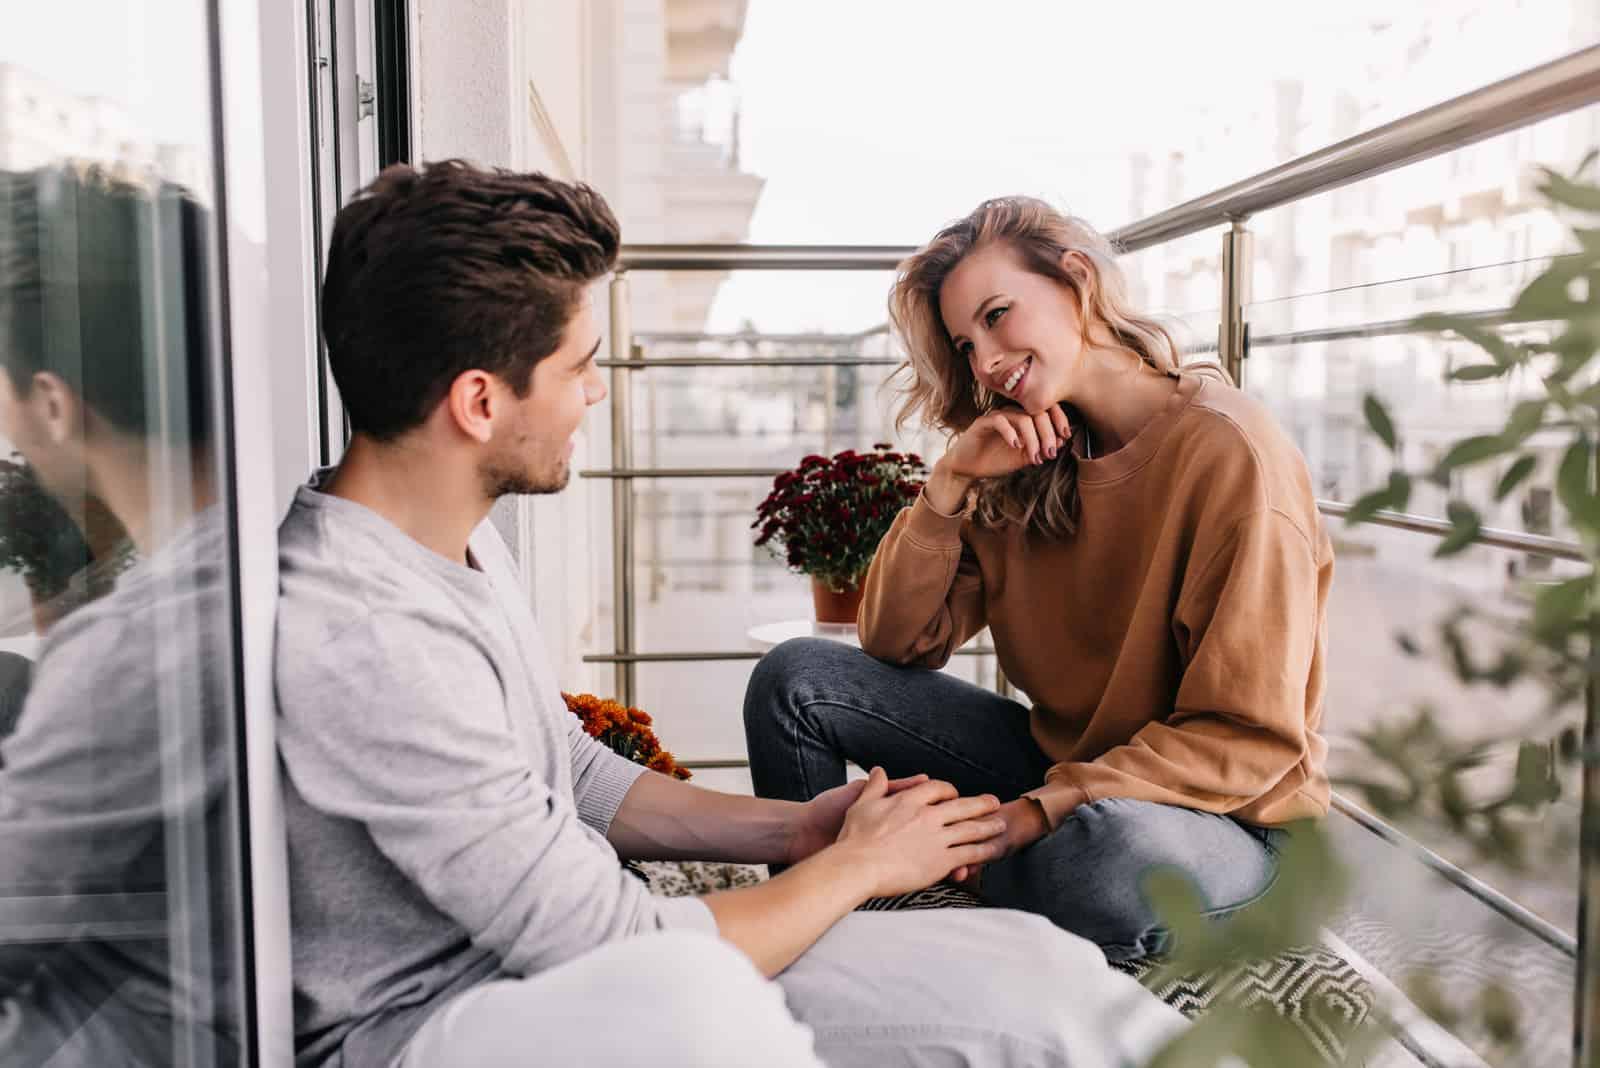 Mädchen im Gespräch mit Freund auf der Terrasse